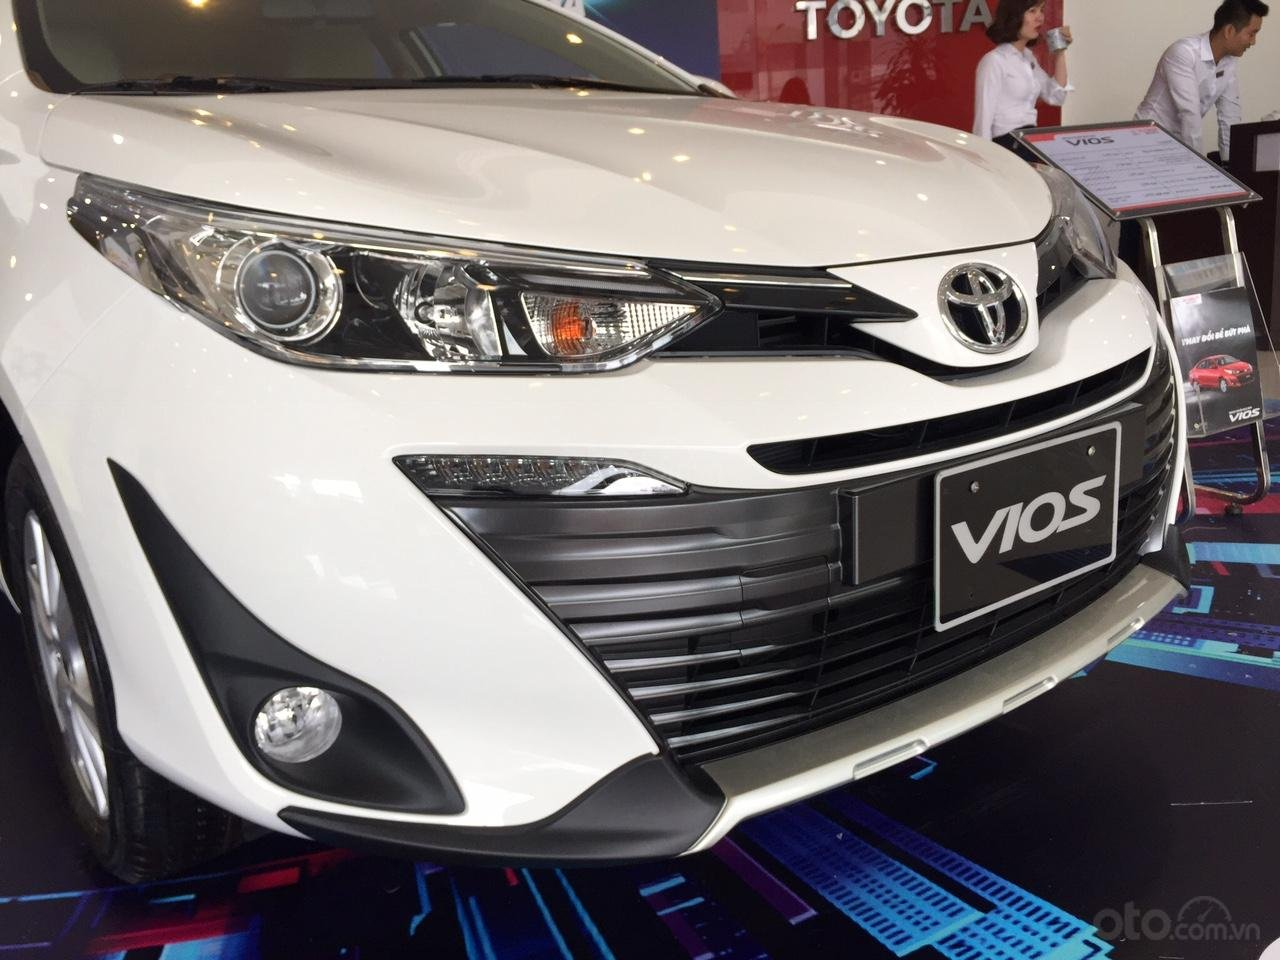 Giá xe Toyota Vios 1.5G 2019, giảm sập sàn, tặng bảo hiểm thân vỏ, hỗ trợ trả góp, chi tiết LH ngay 0978835850-1